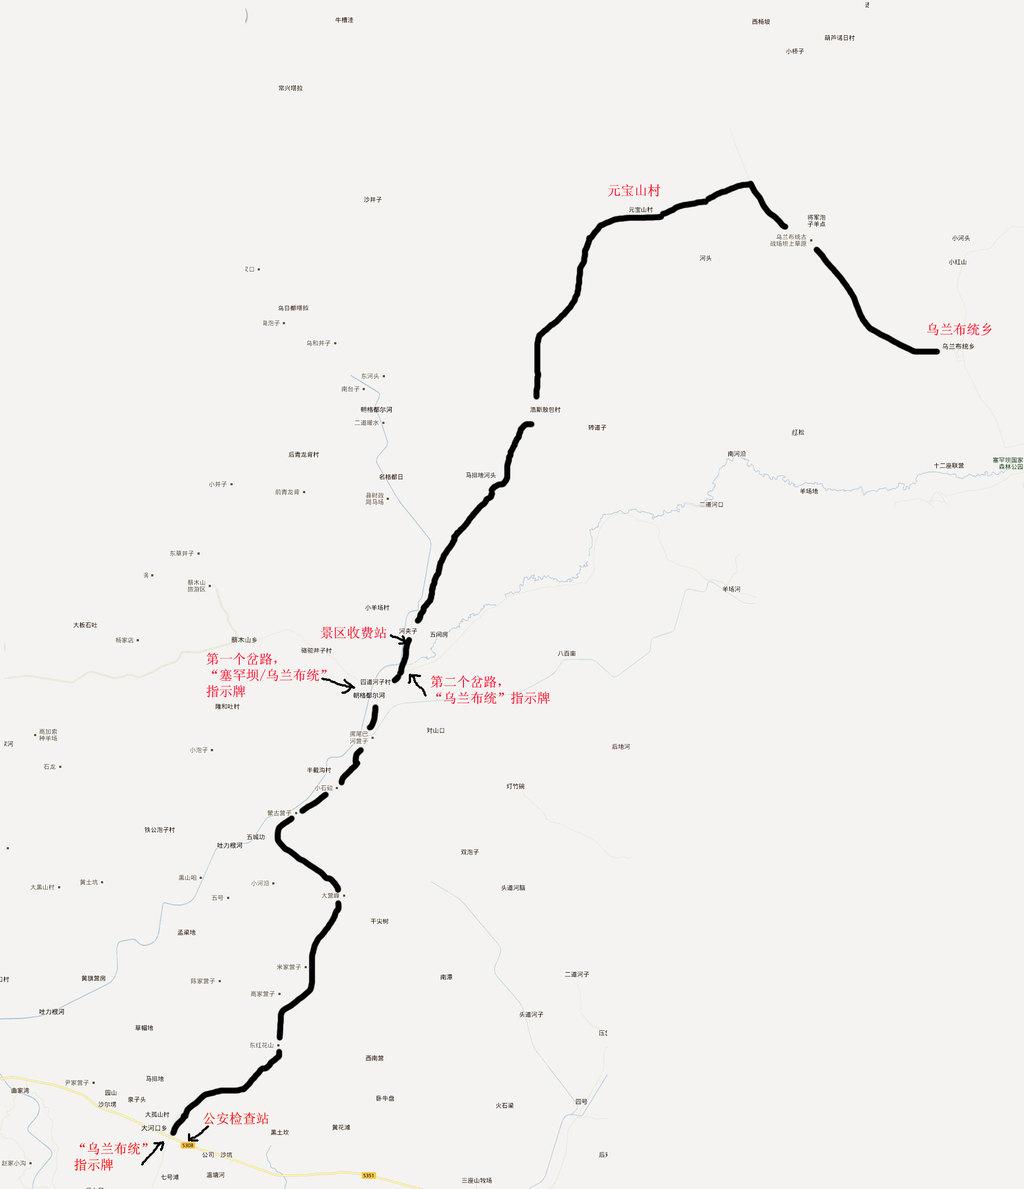 图二十:北京至乌兰布统乡路线